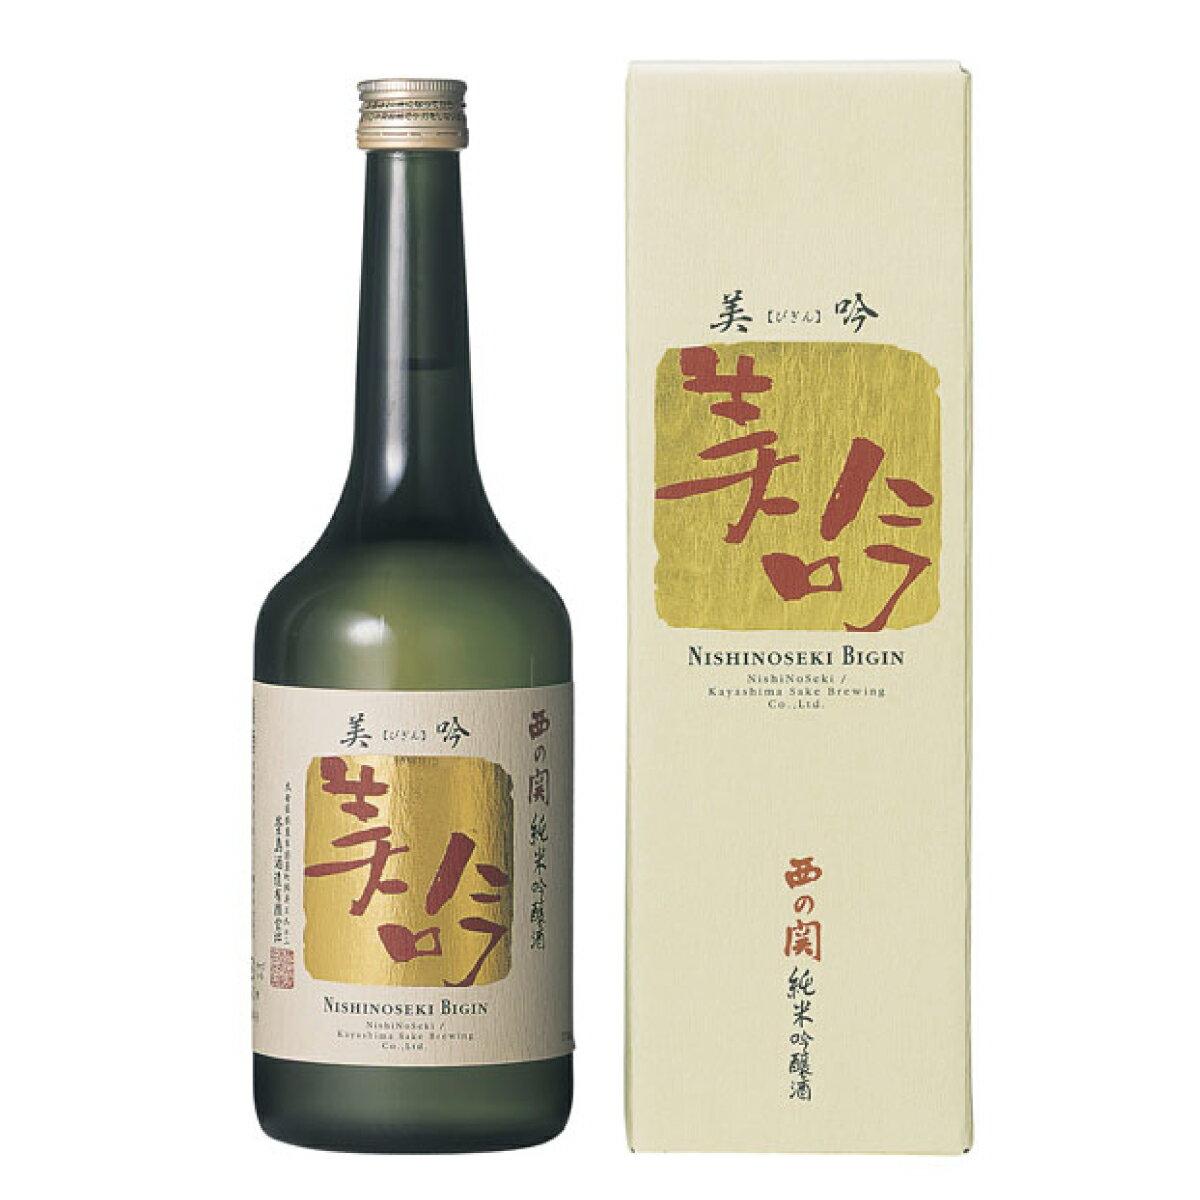 西の関 美吟 純米吟醸酒 16度以上17度未満 720ml【びぎん】